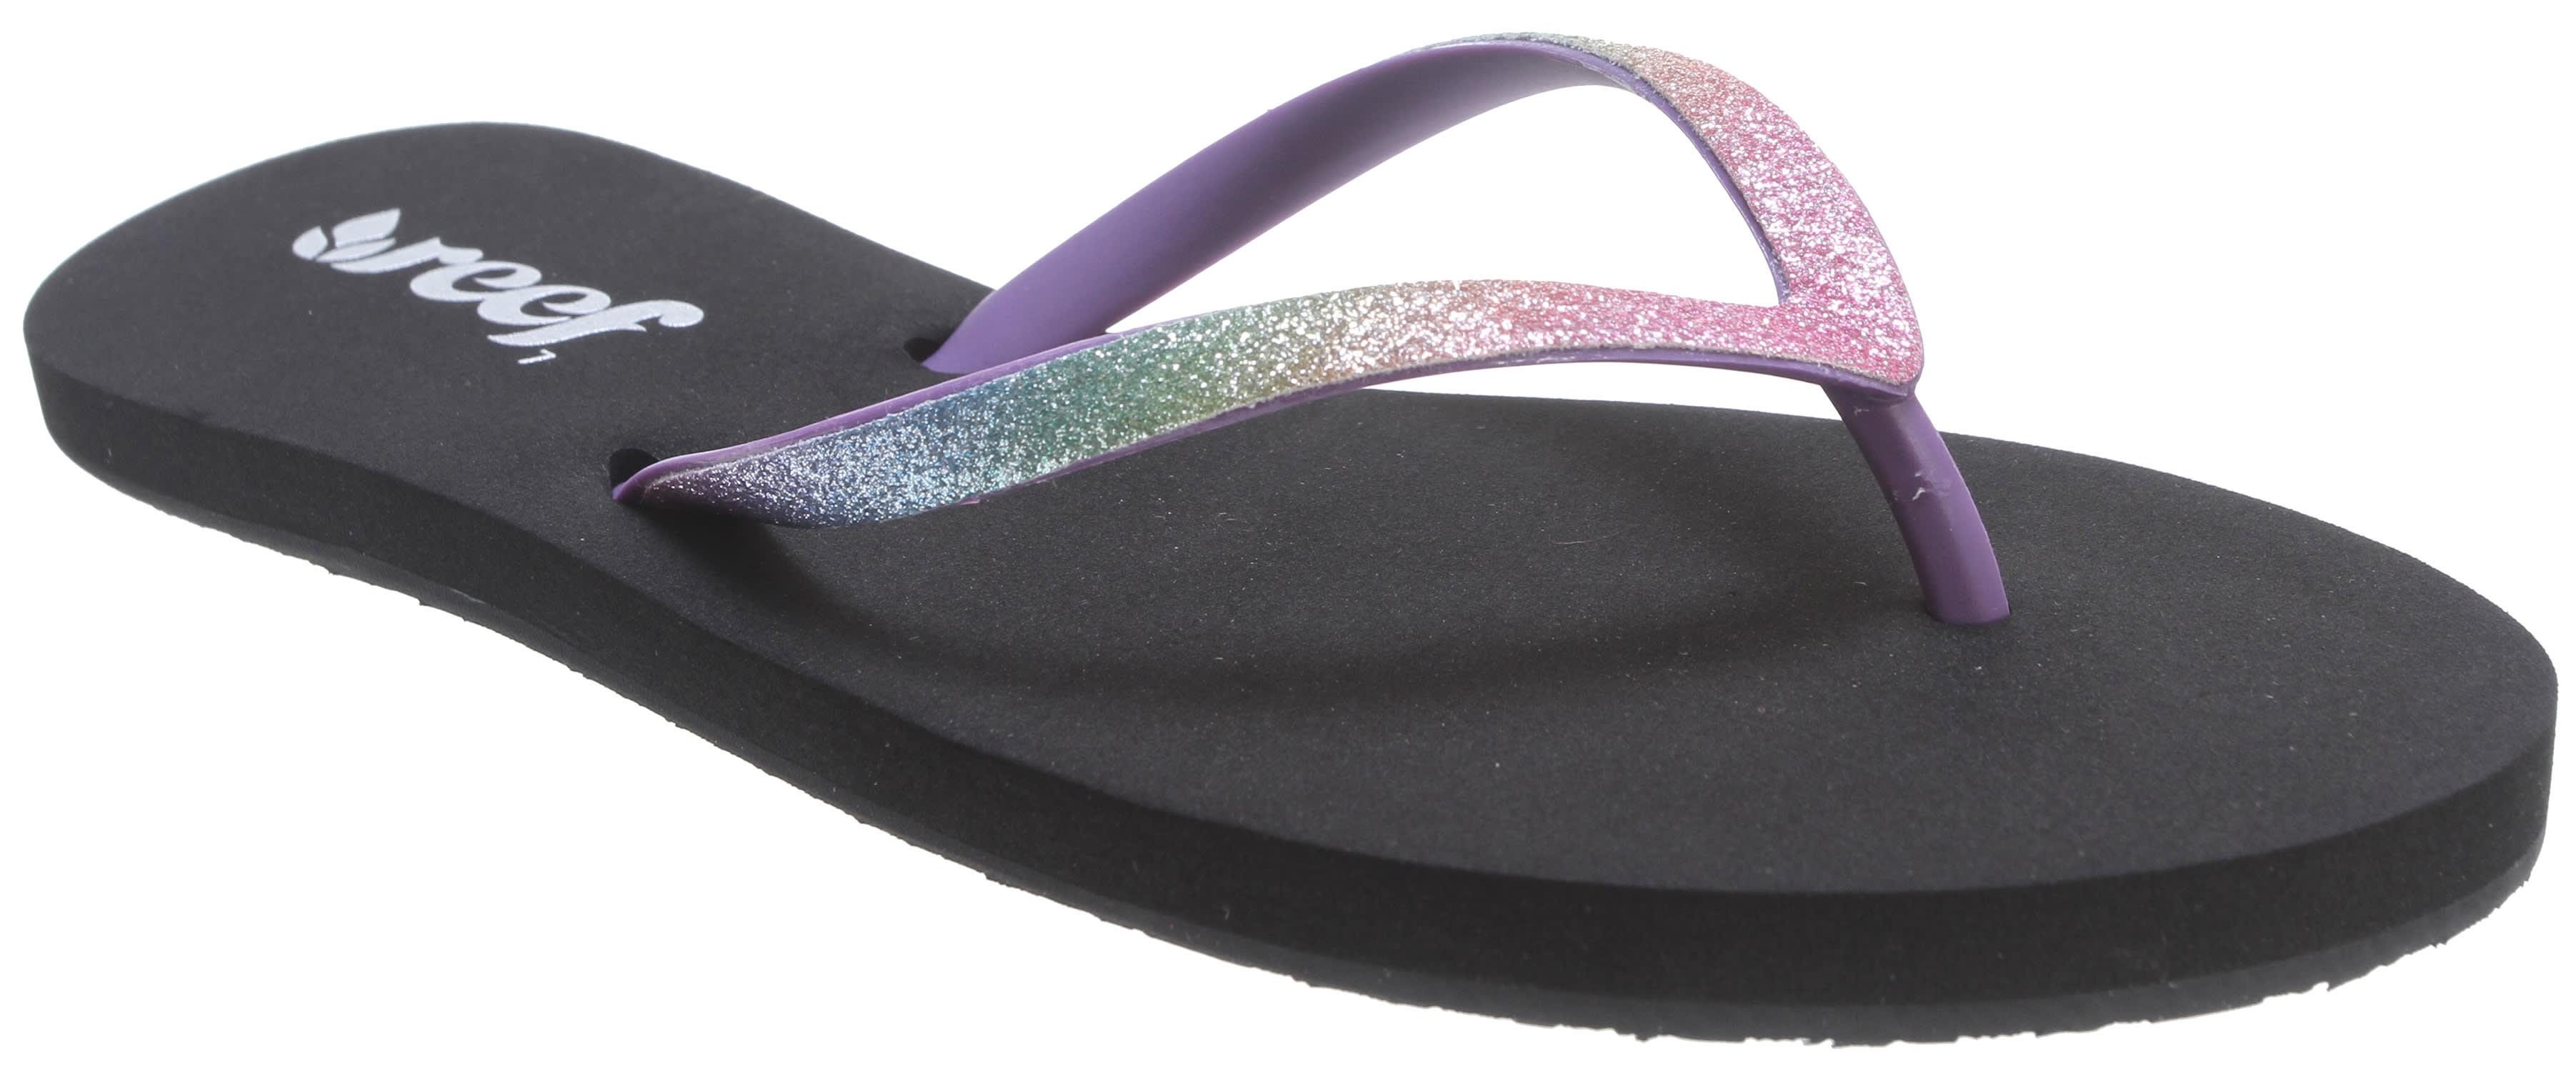 9f3cdb08a7de Reef Stargazer Luxe Sandals - thumbnail 2